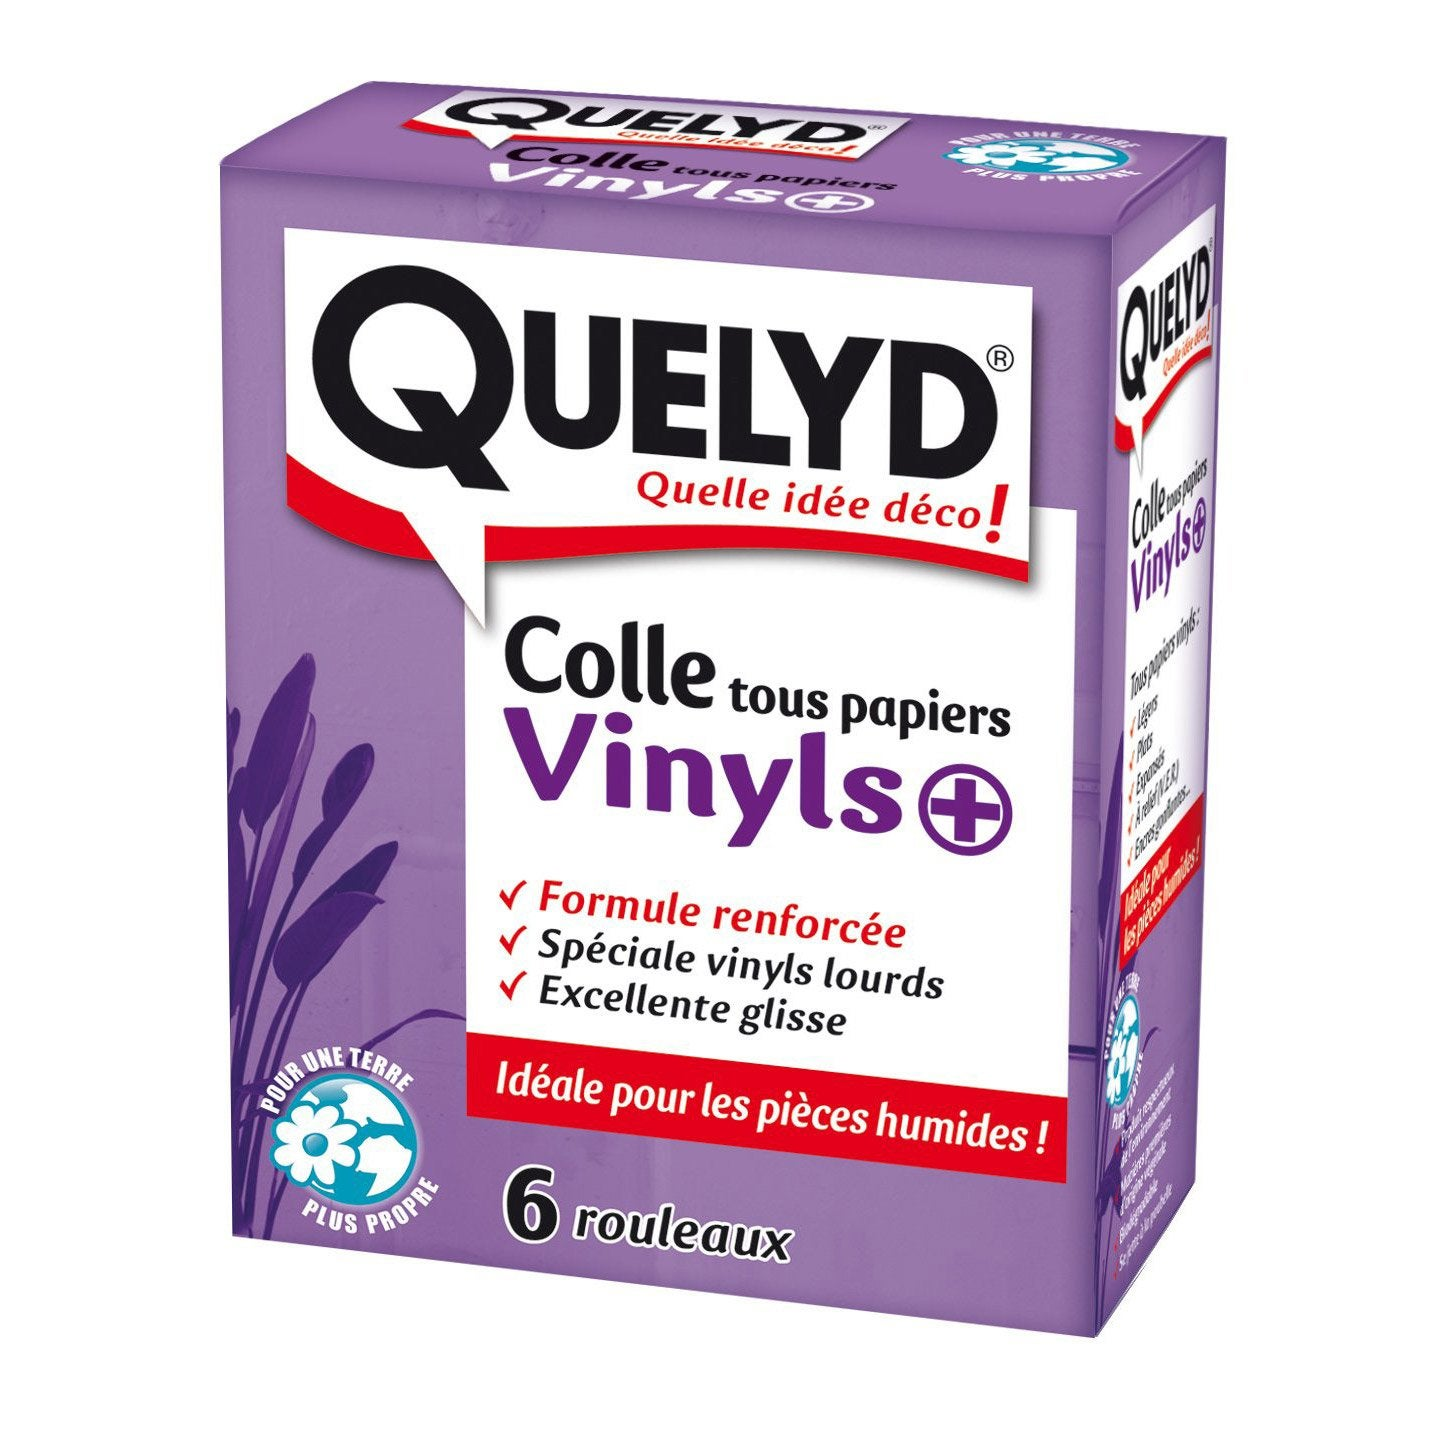 Colle papier peint vinyle QUELYD, 0.3 kg | Leroy Merlin